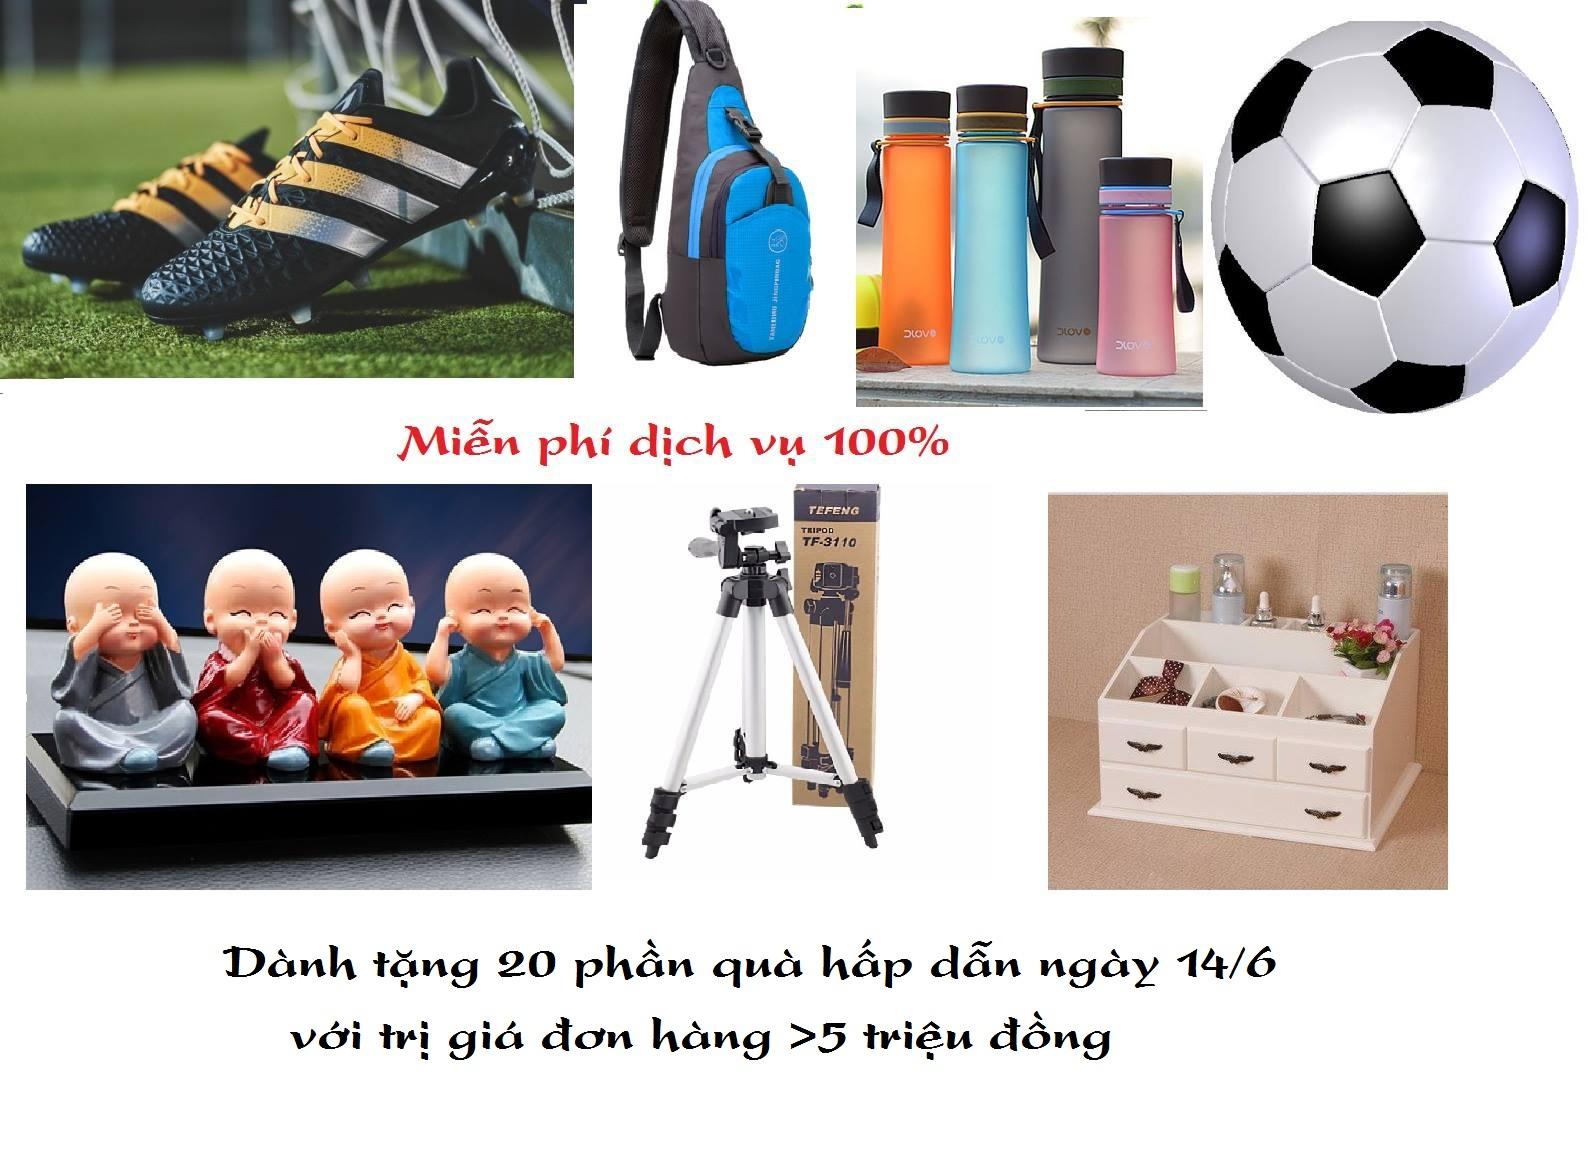 Order hàng giày dép – balo – mũ – túi xách Quảng Châu giá rẻ